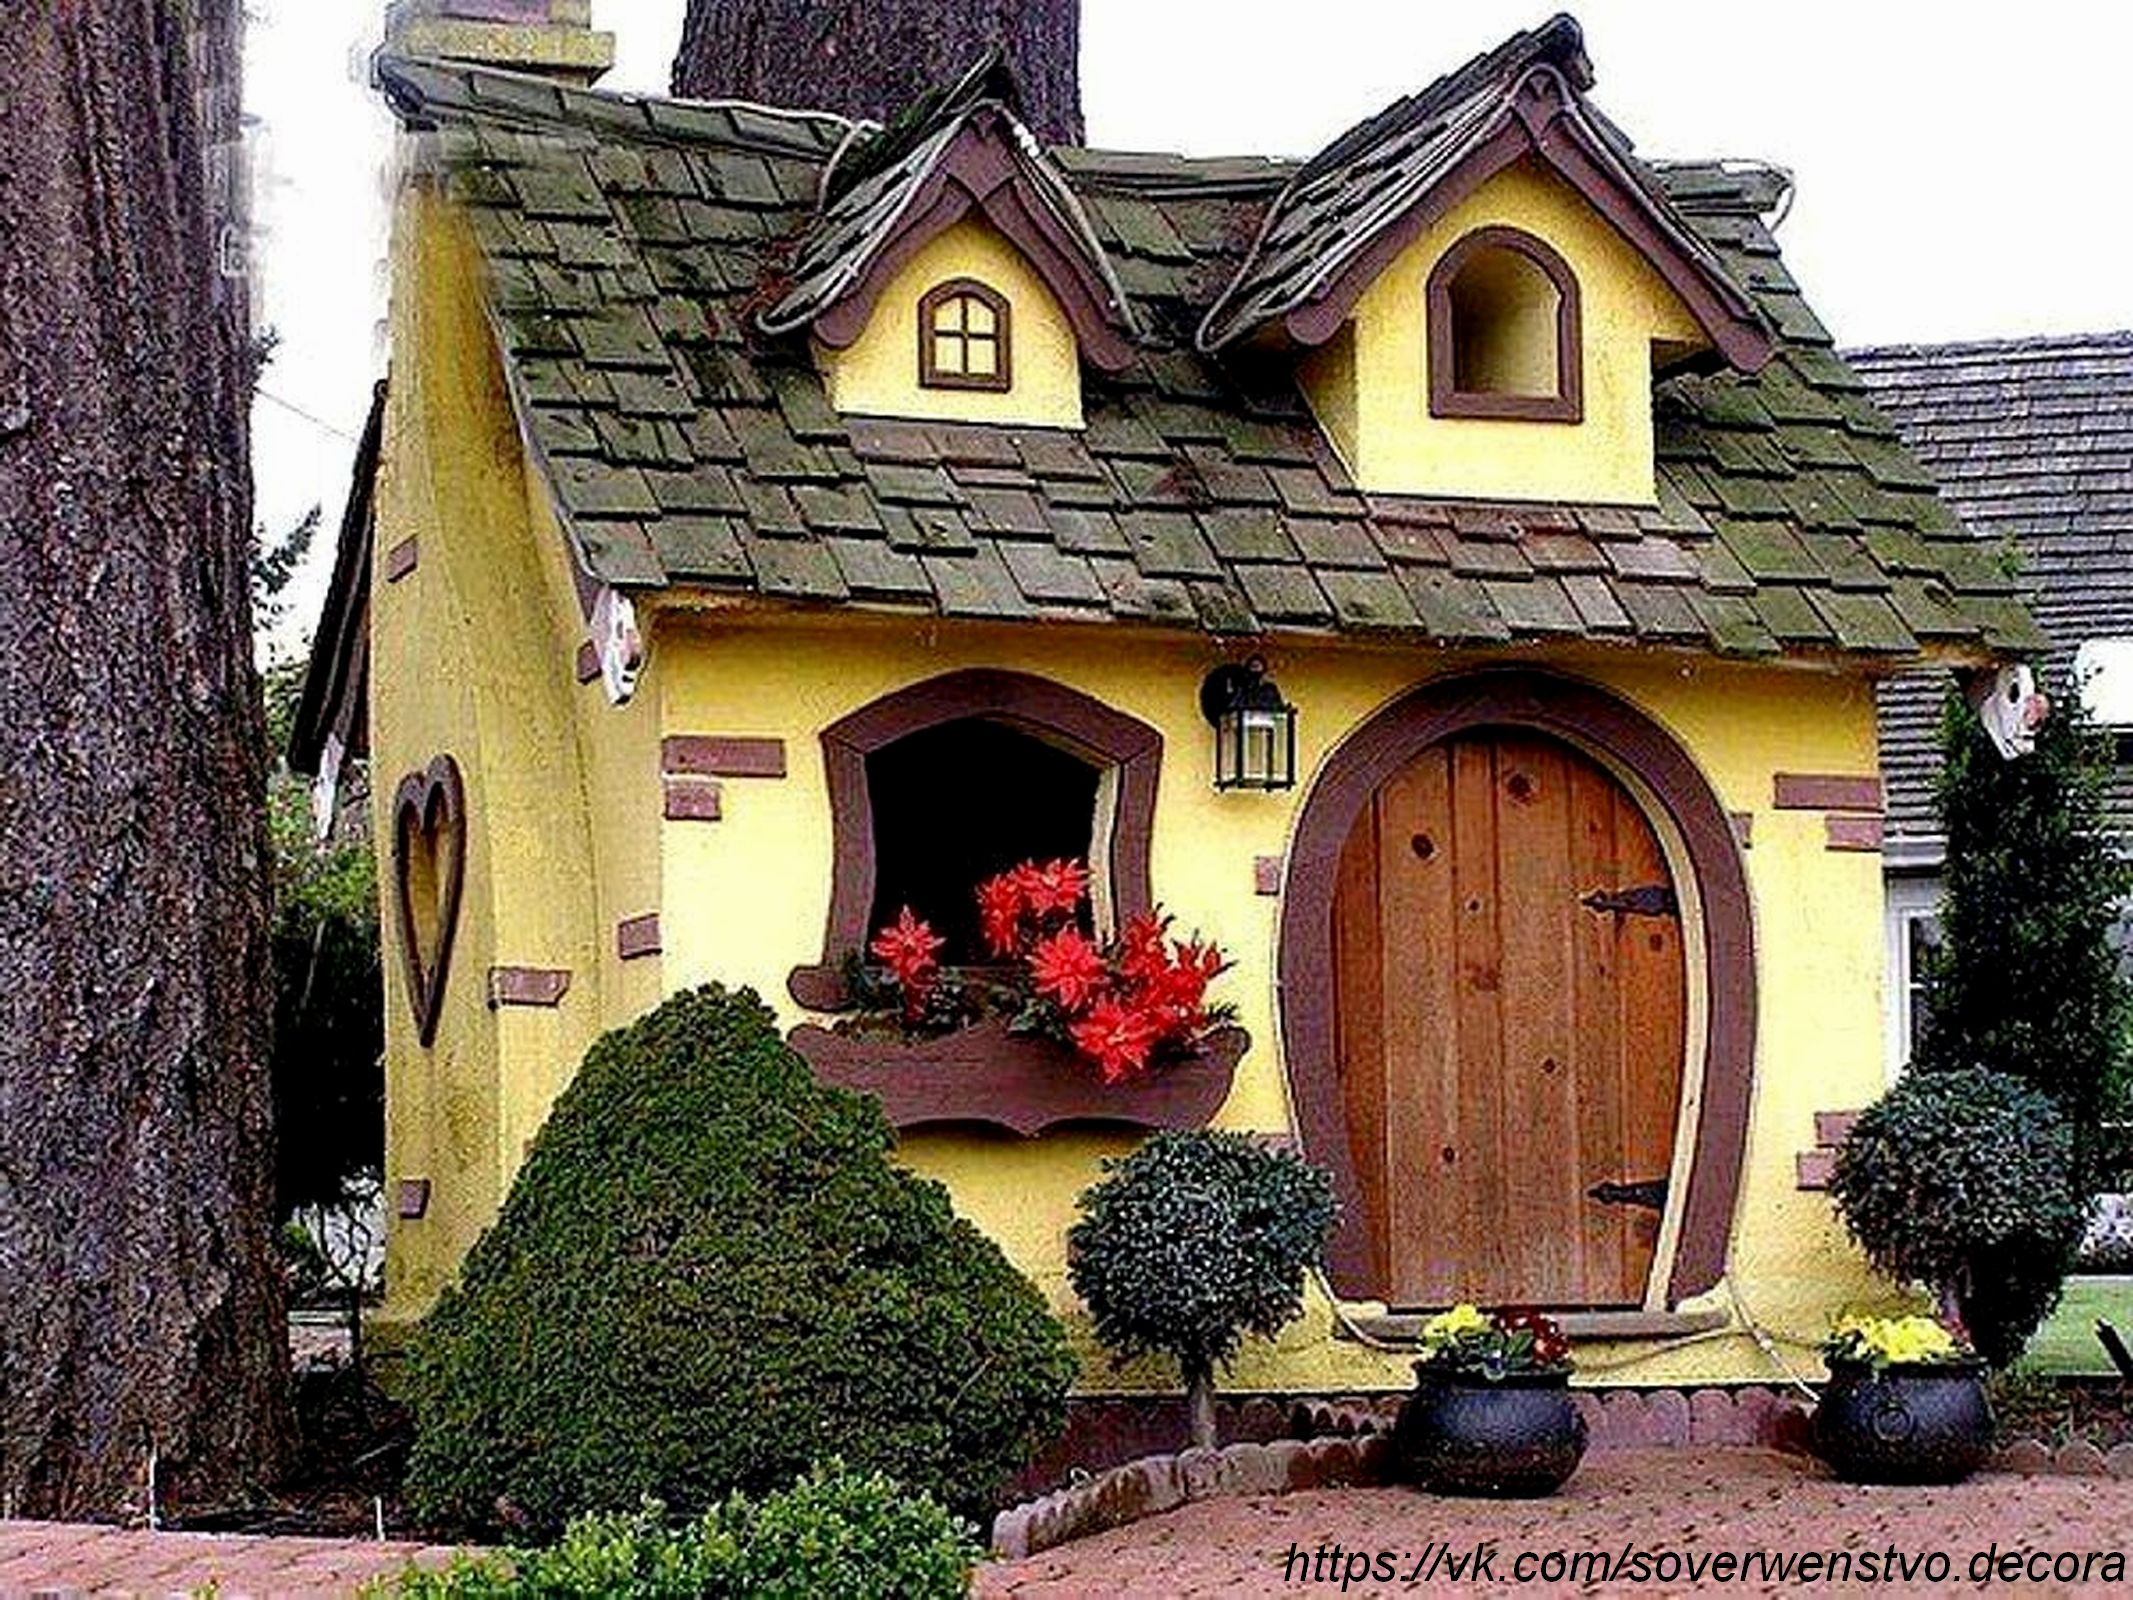 К дачному сезону и проезжающим дачникам:Необычные дачные домики.